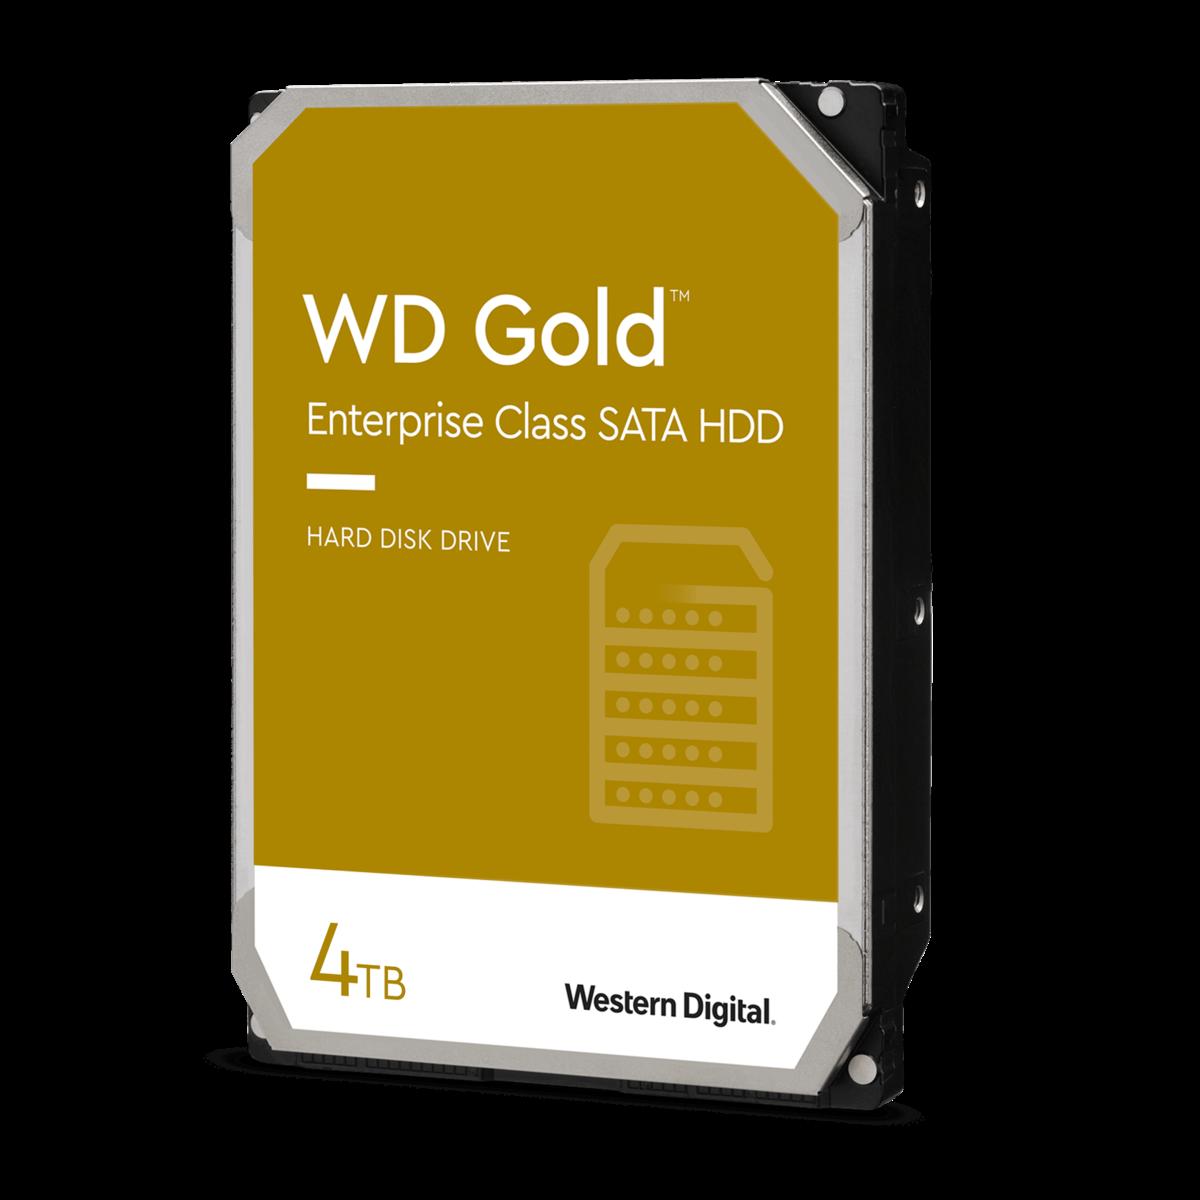 diapositiva 1 de 1,aumentar tamaño, wd gold<sup>™</sup> enterprise class sata hdd 4tb